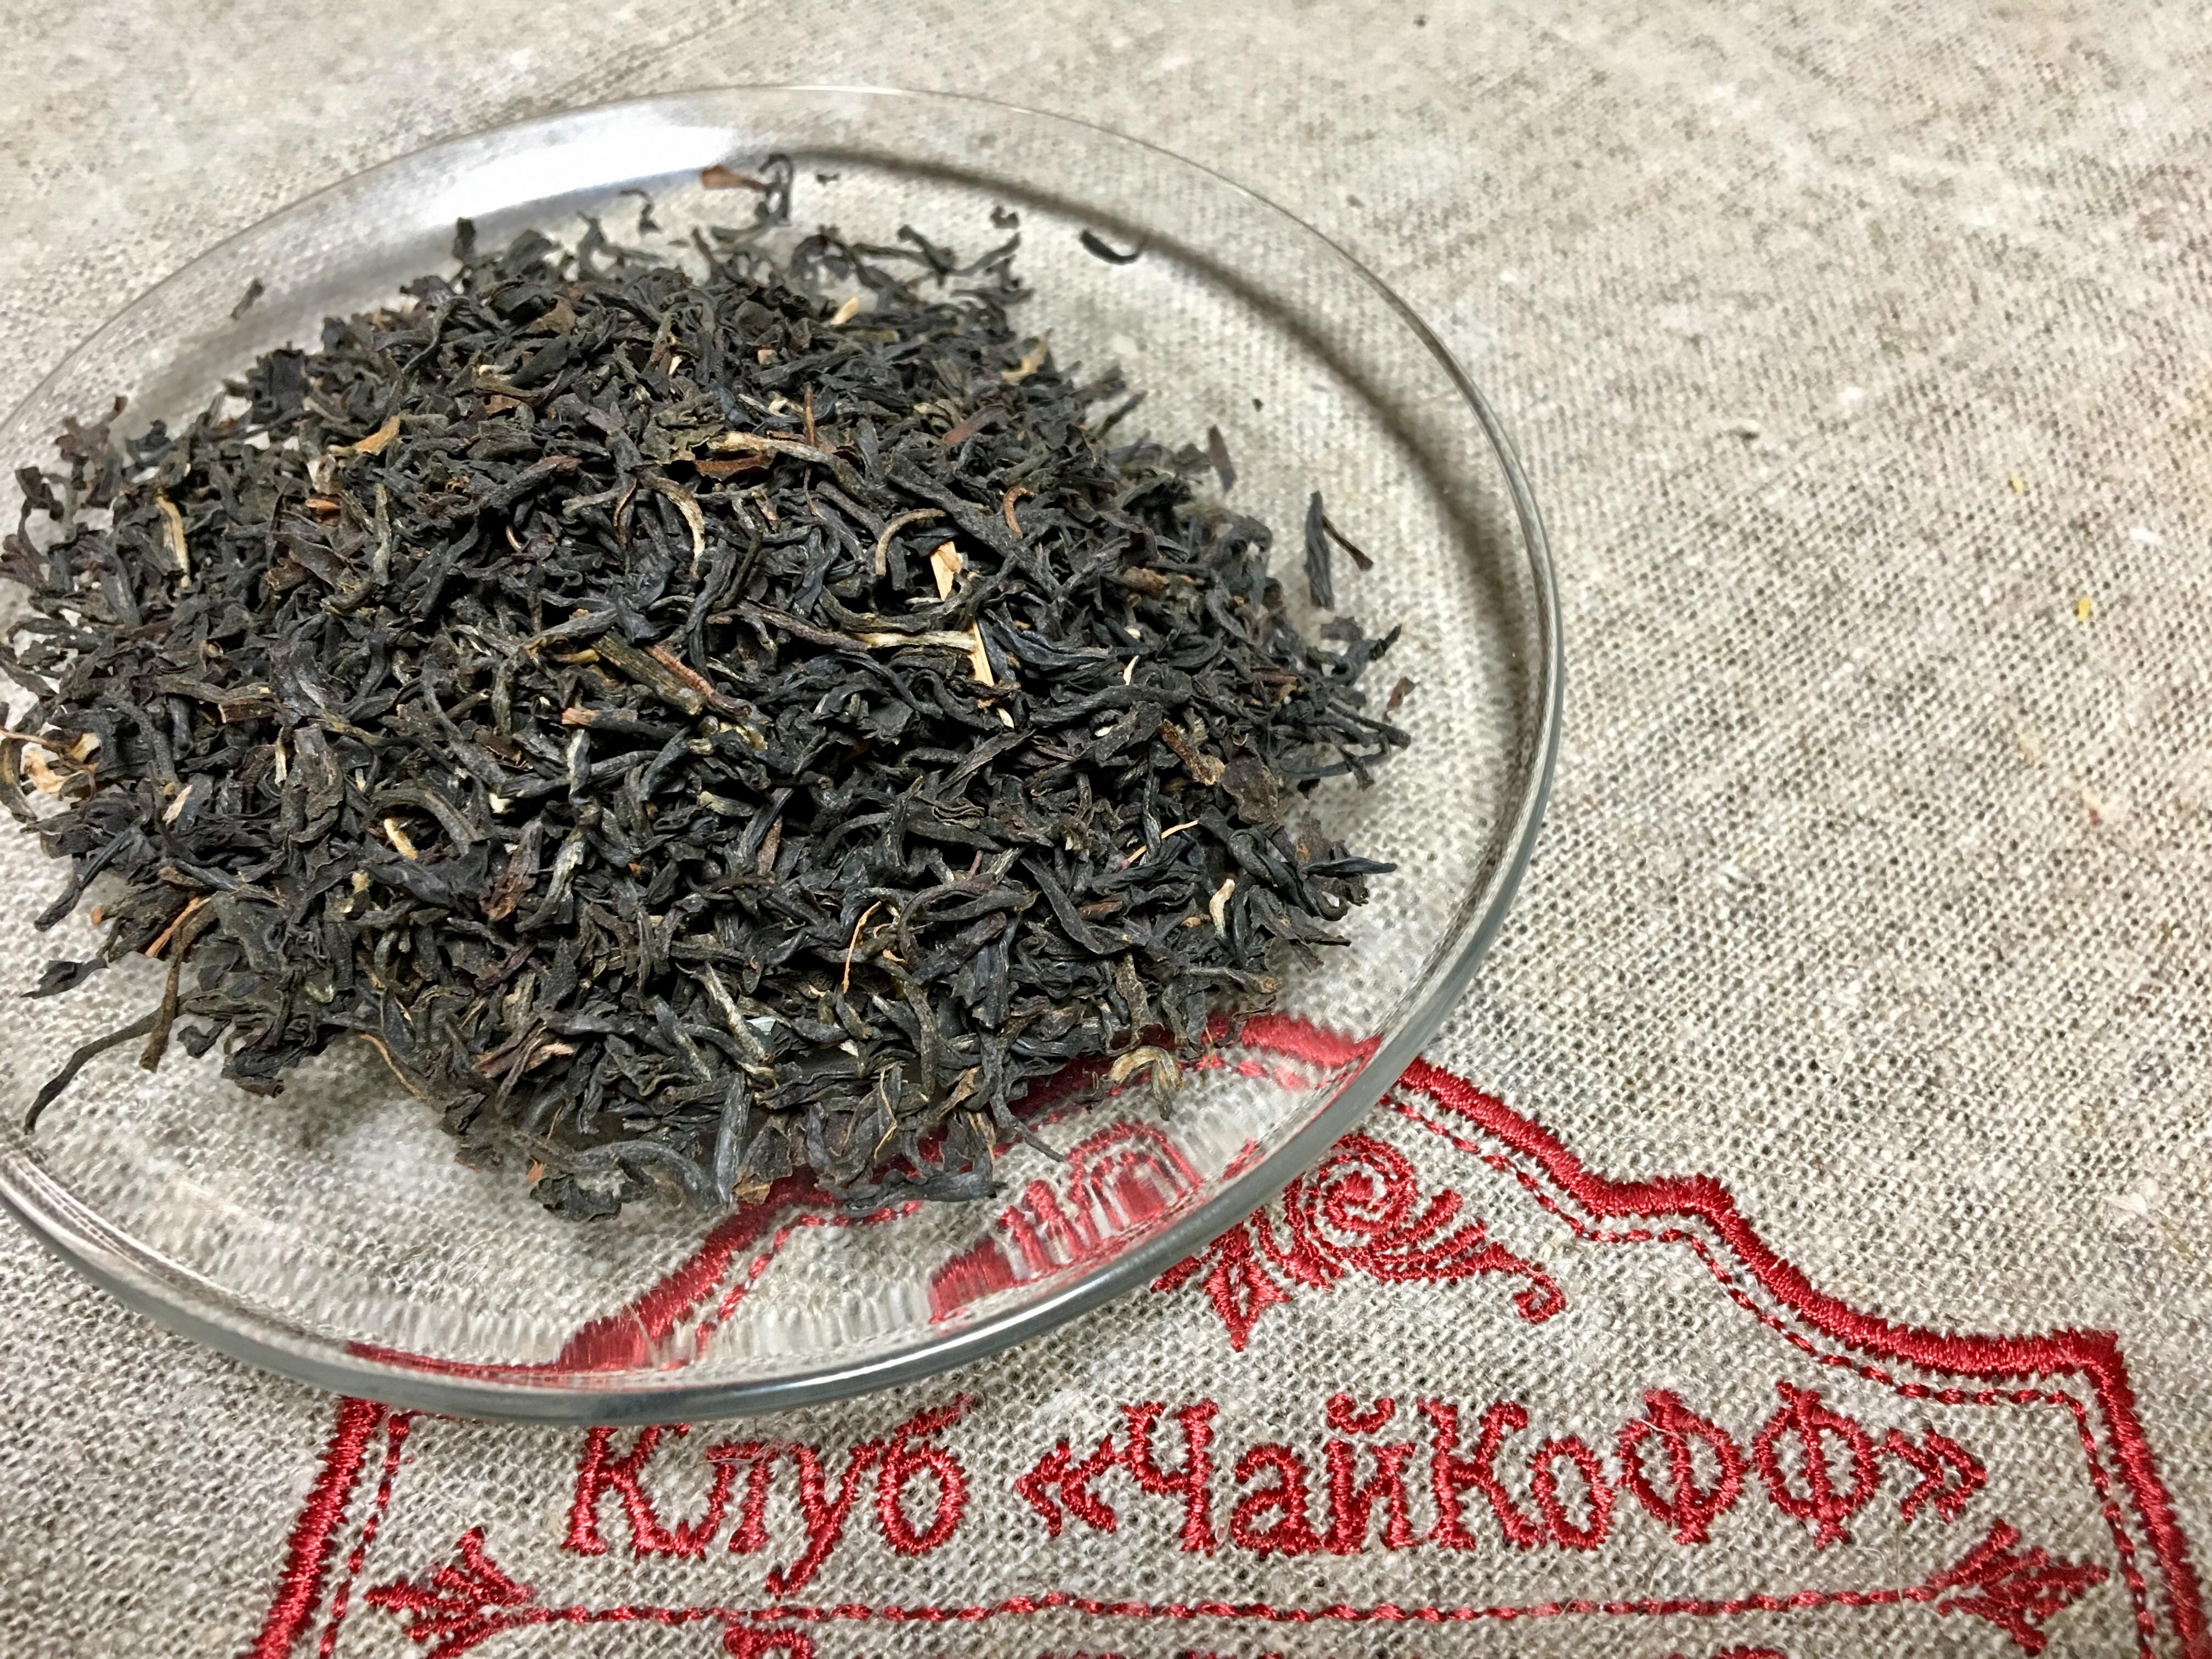 Чай Черный Для Похудения. Черный чай при похудении: с чем пить и можно ли его в принципе